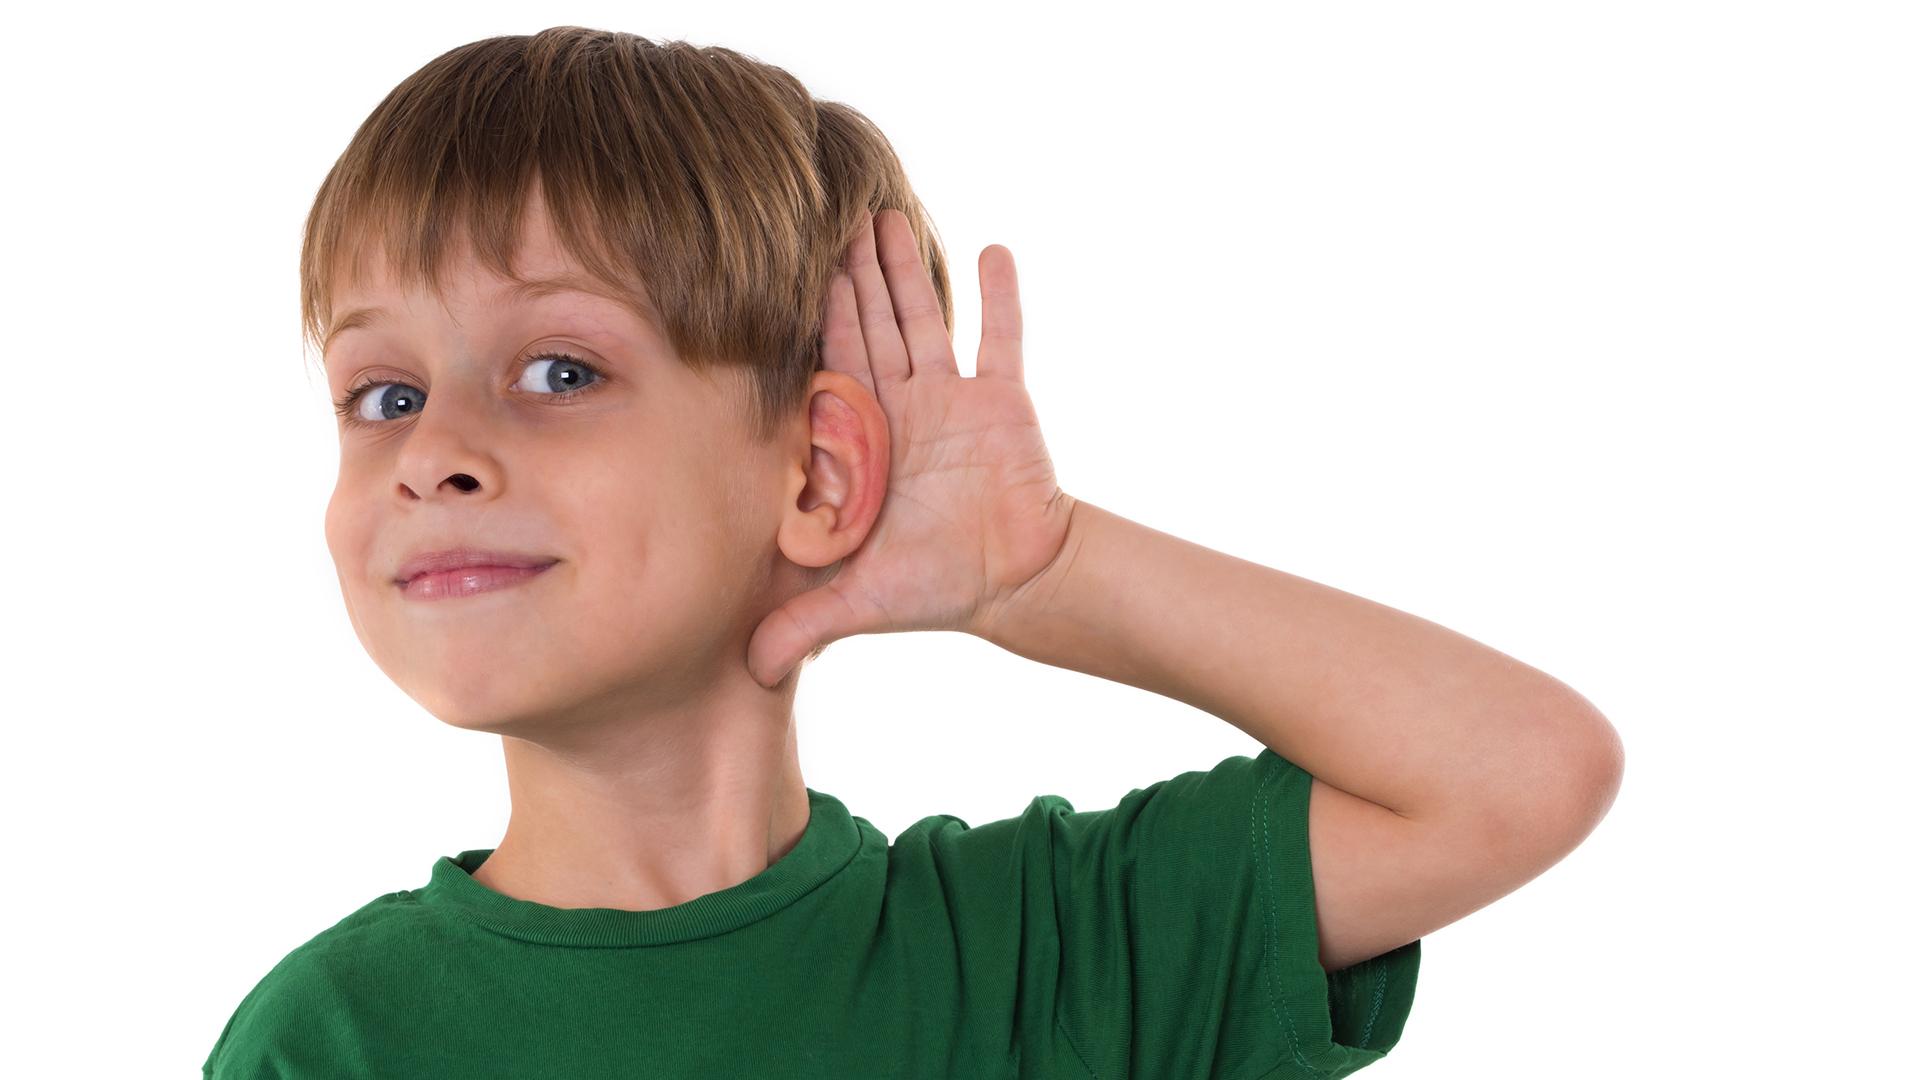 El sistema de conducción ósea es una opción de tratamiento para personas con pérdida auditiva conductiva o unilateral profunda (Getty)